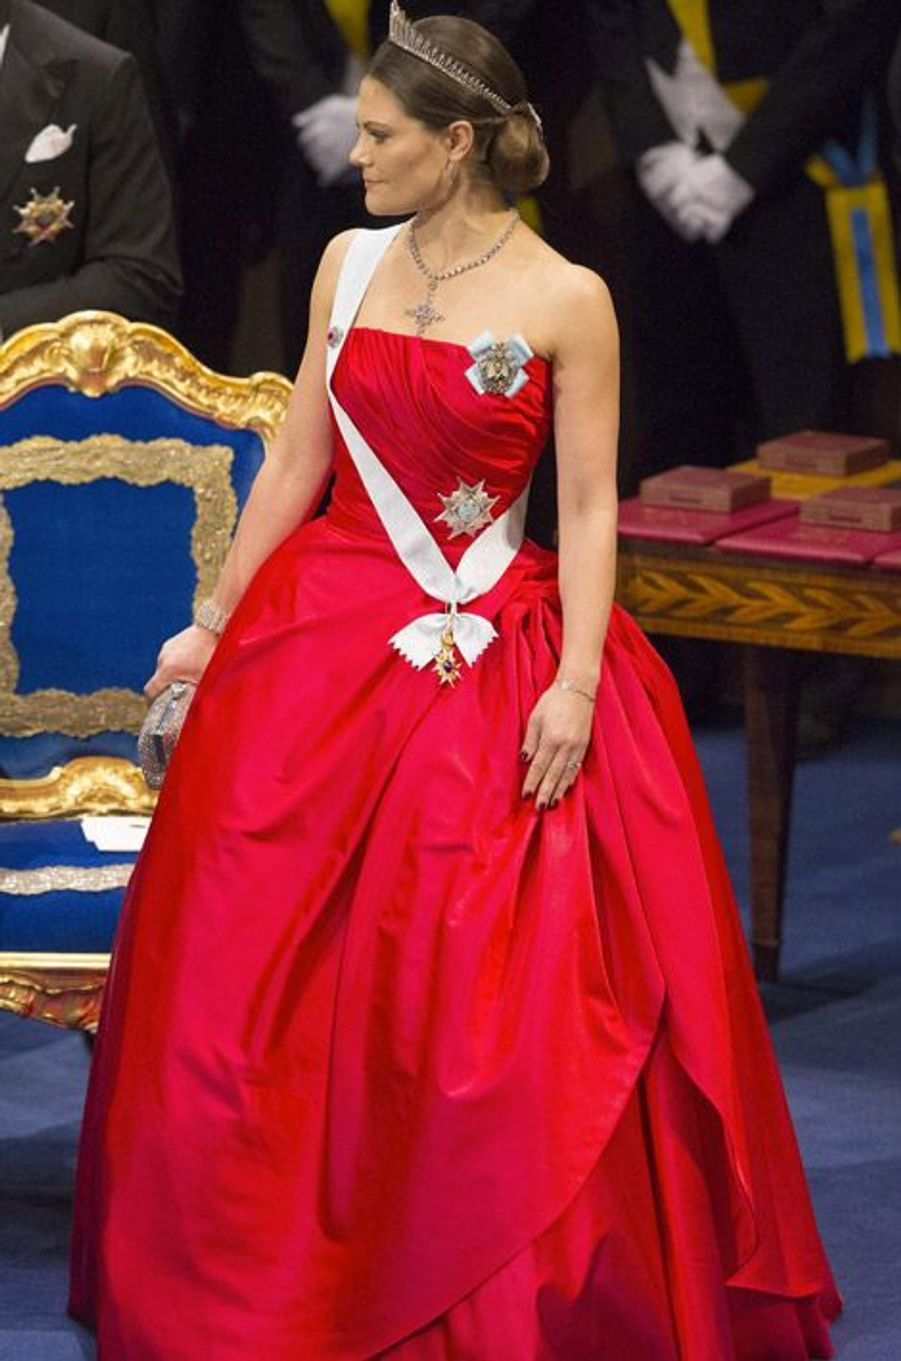 La princesse Victoria de Suède à Stockholm pour la remise des prix Nobel le 10 décembre 2014